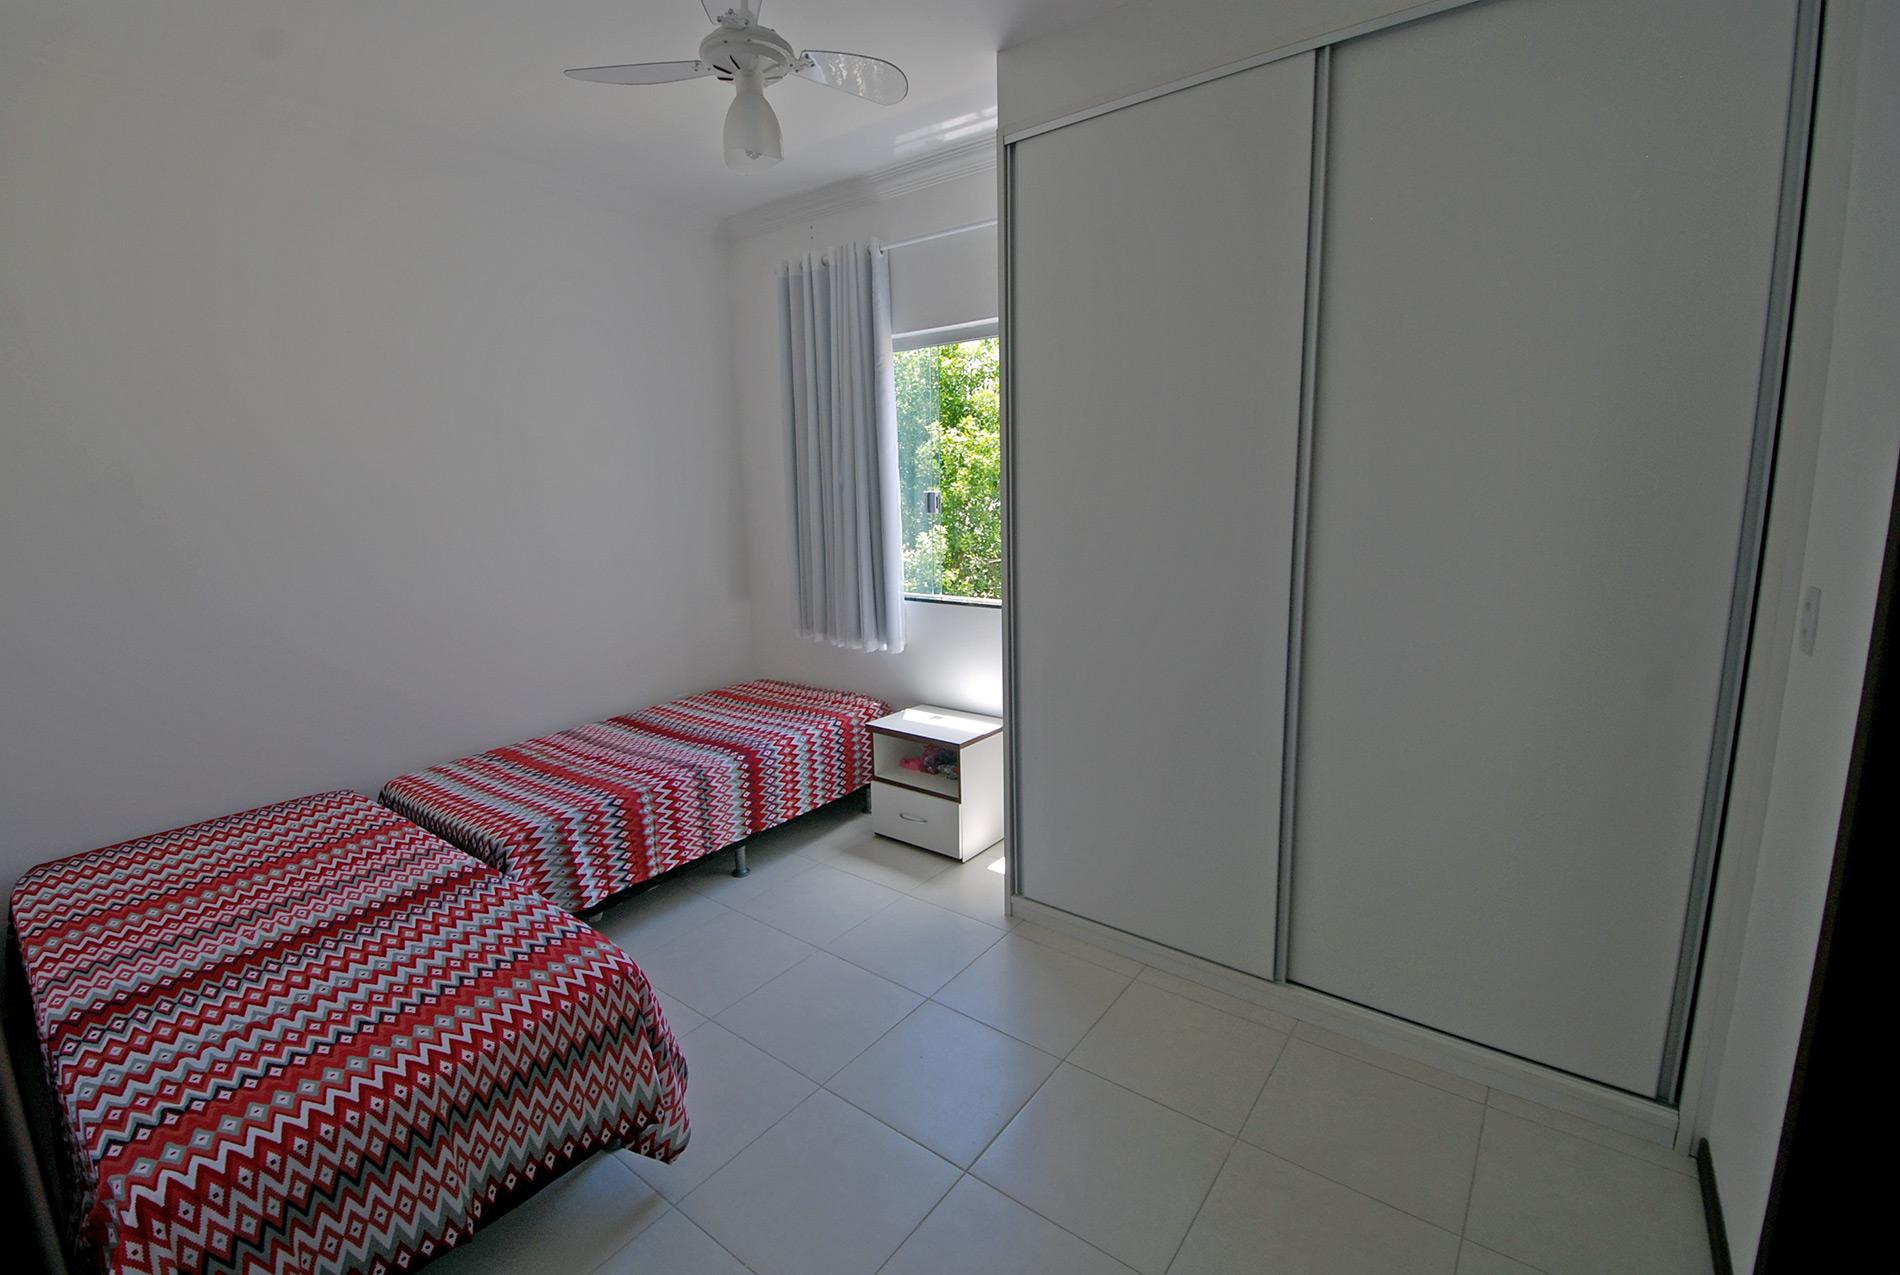 Case in vendita vicino alla spiaggia in ipitanga hansen for Casa con 6 camere da letto in vendita vicino a me